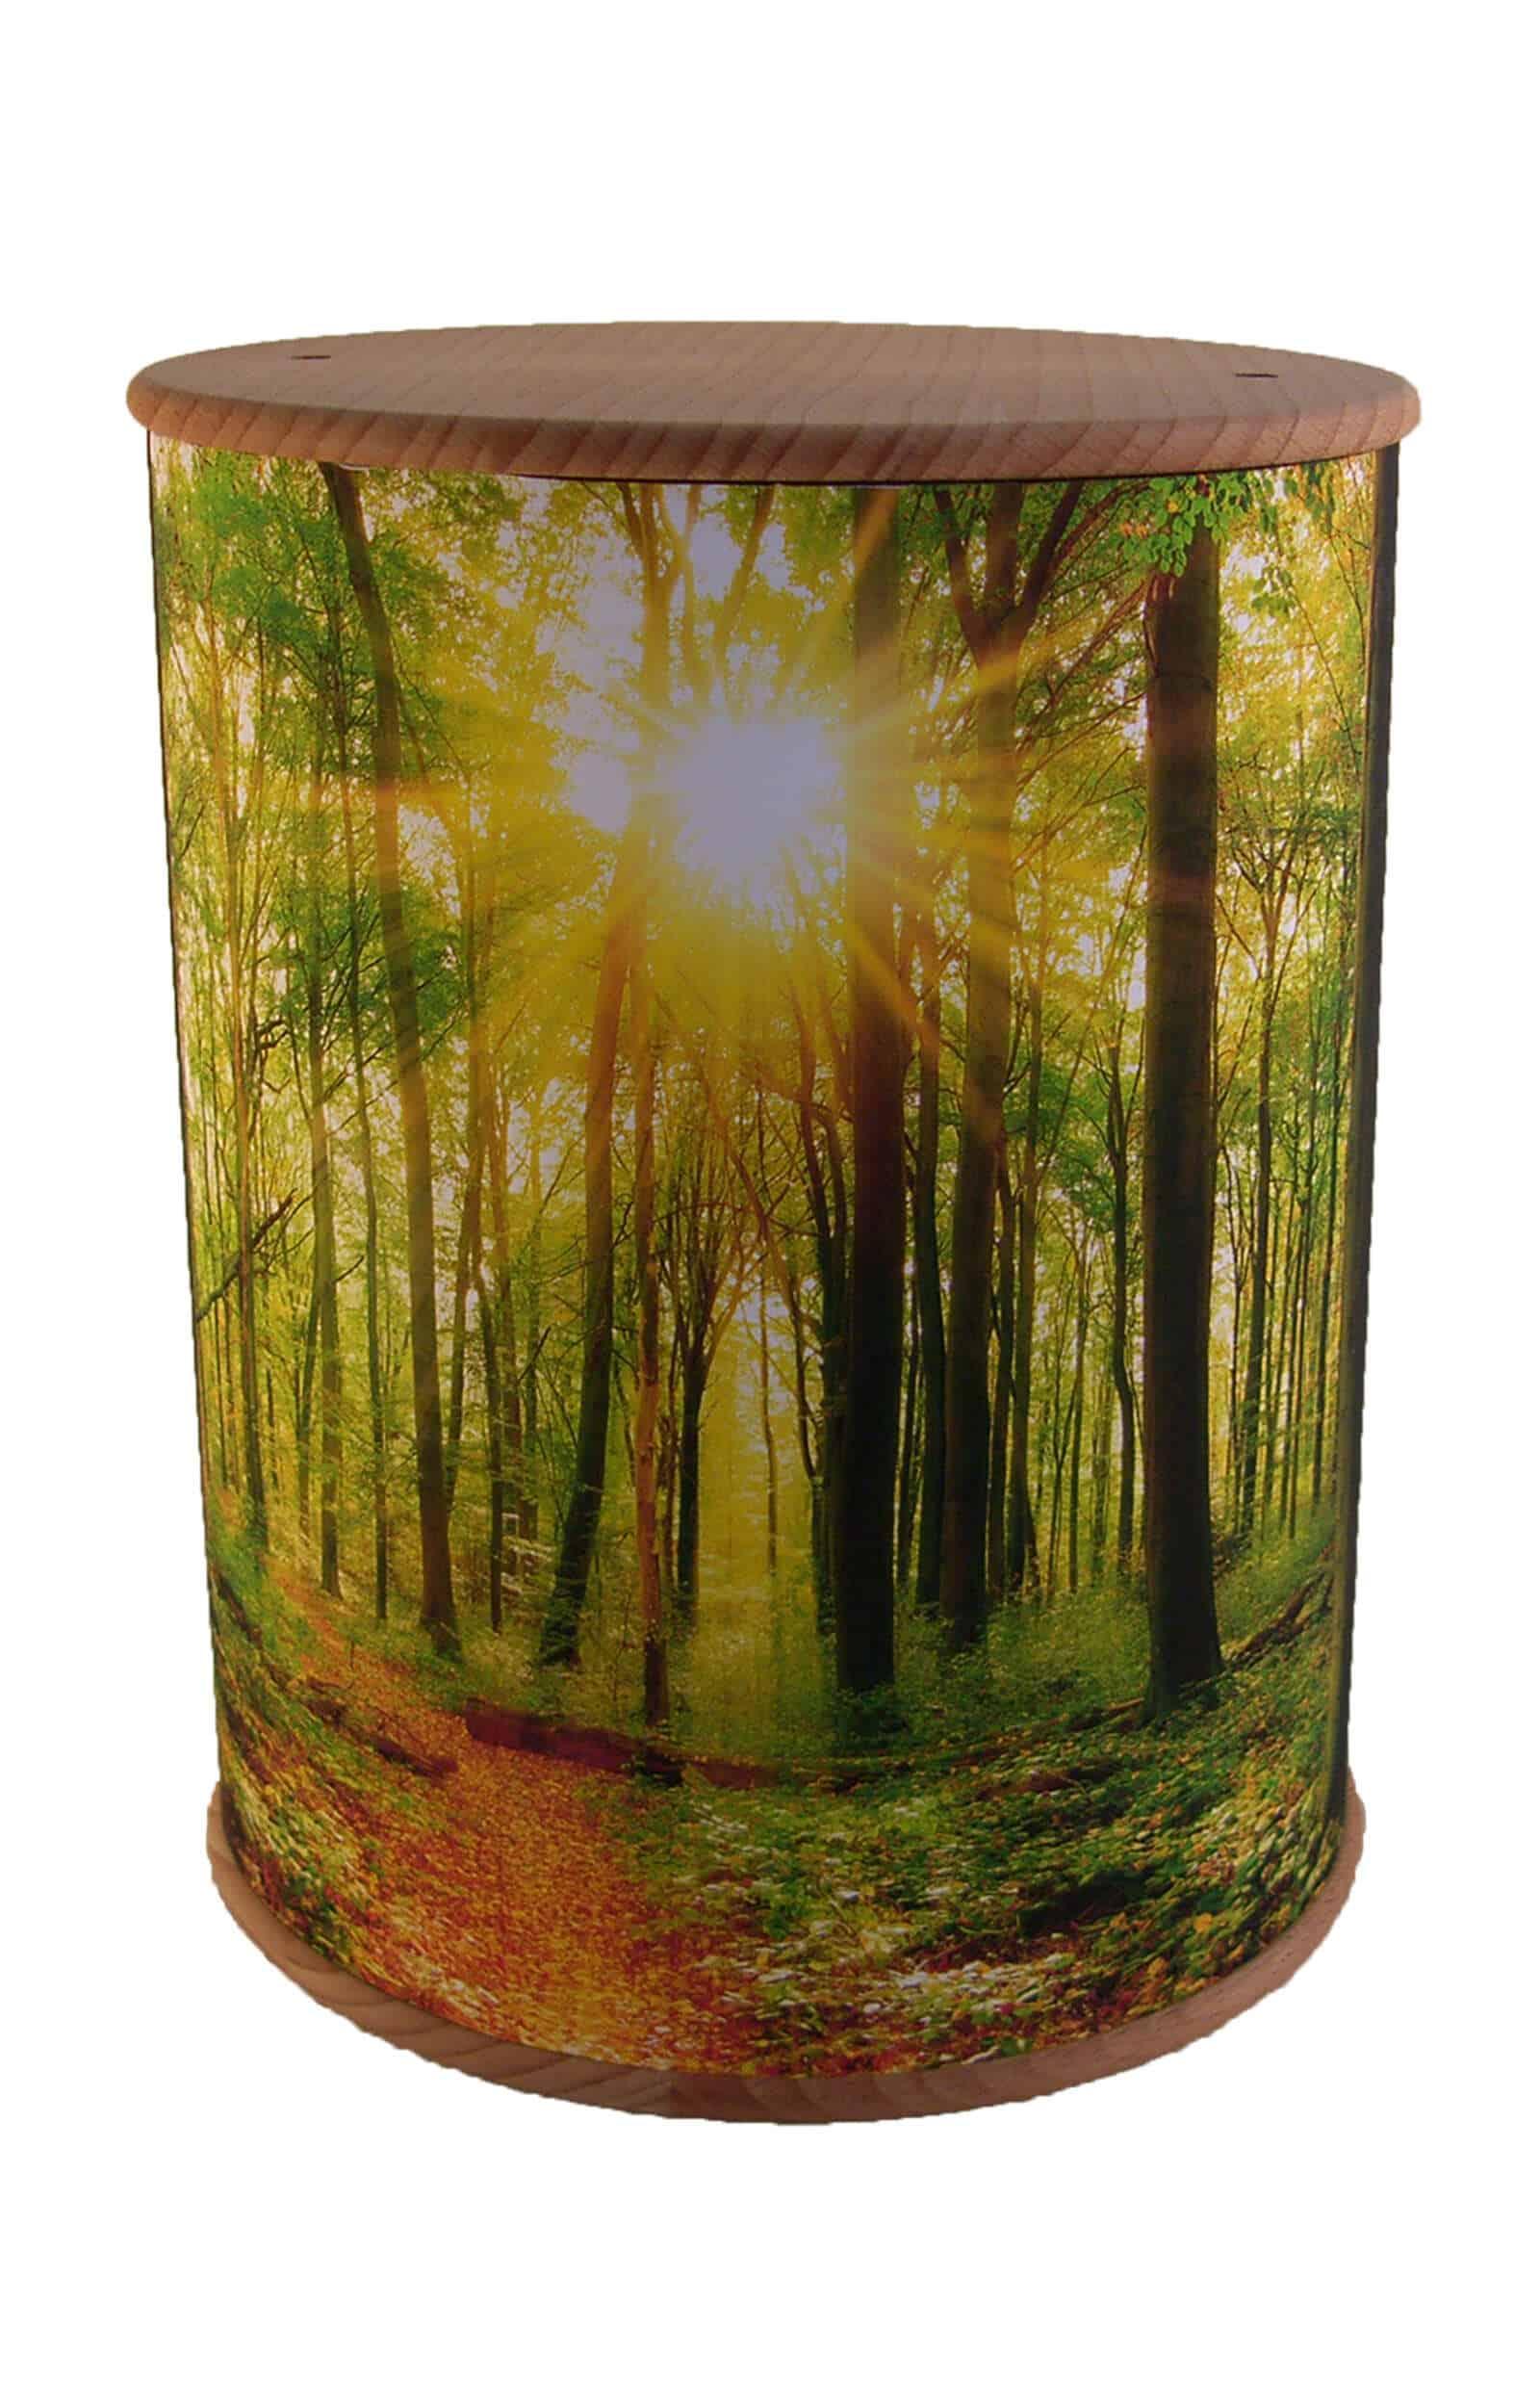 Schöne Biourne Zylinder rundum bedruckt Wald- Urne kaufen Urnen günstig